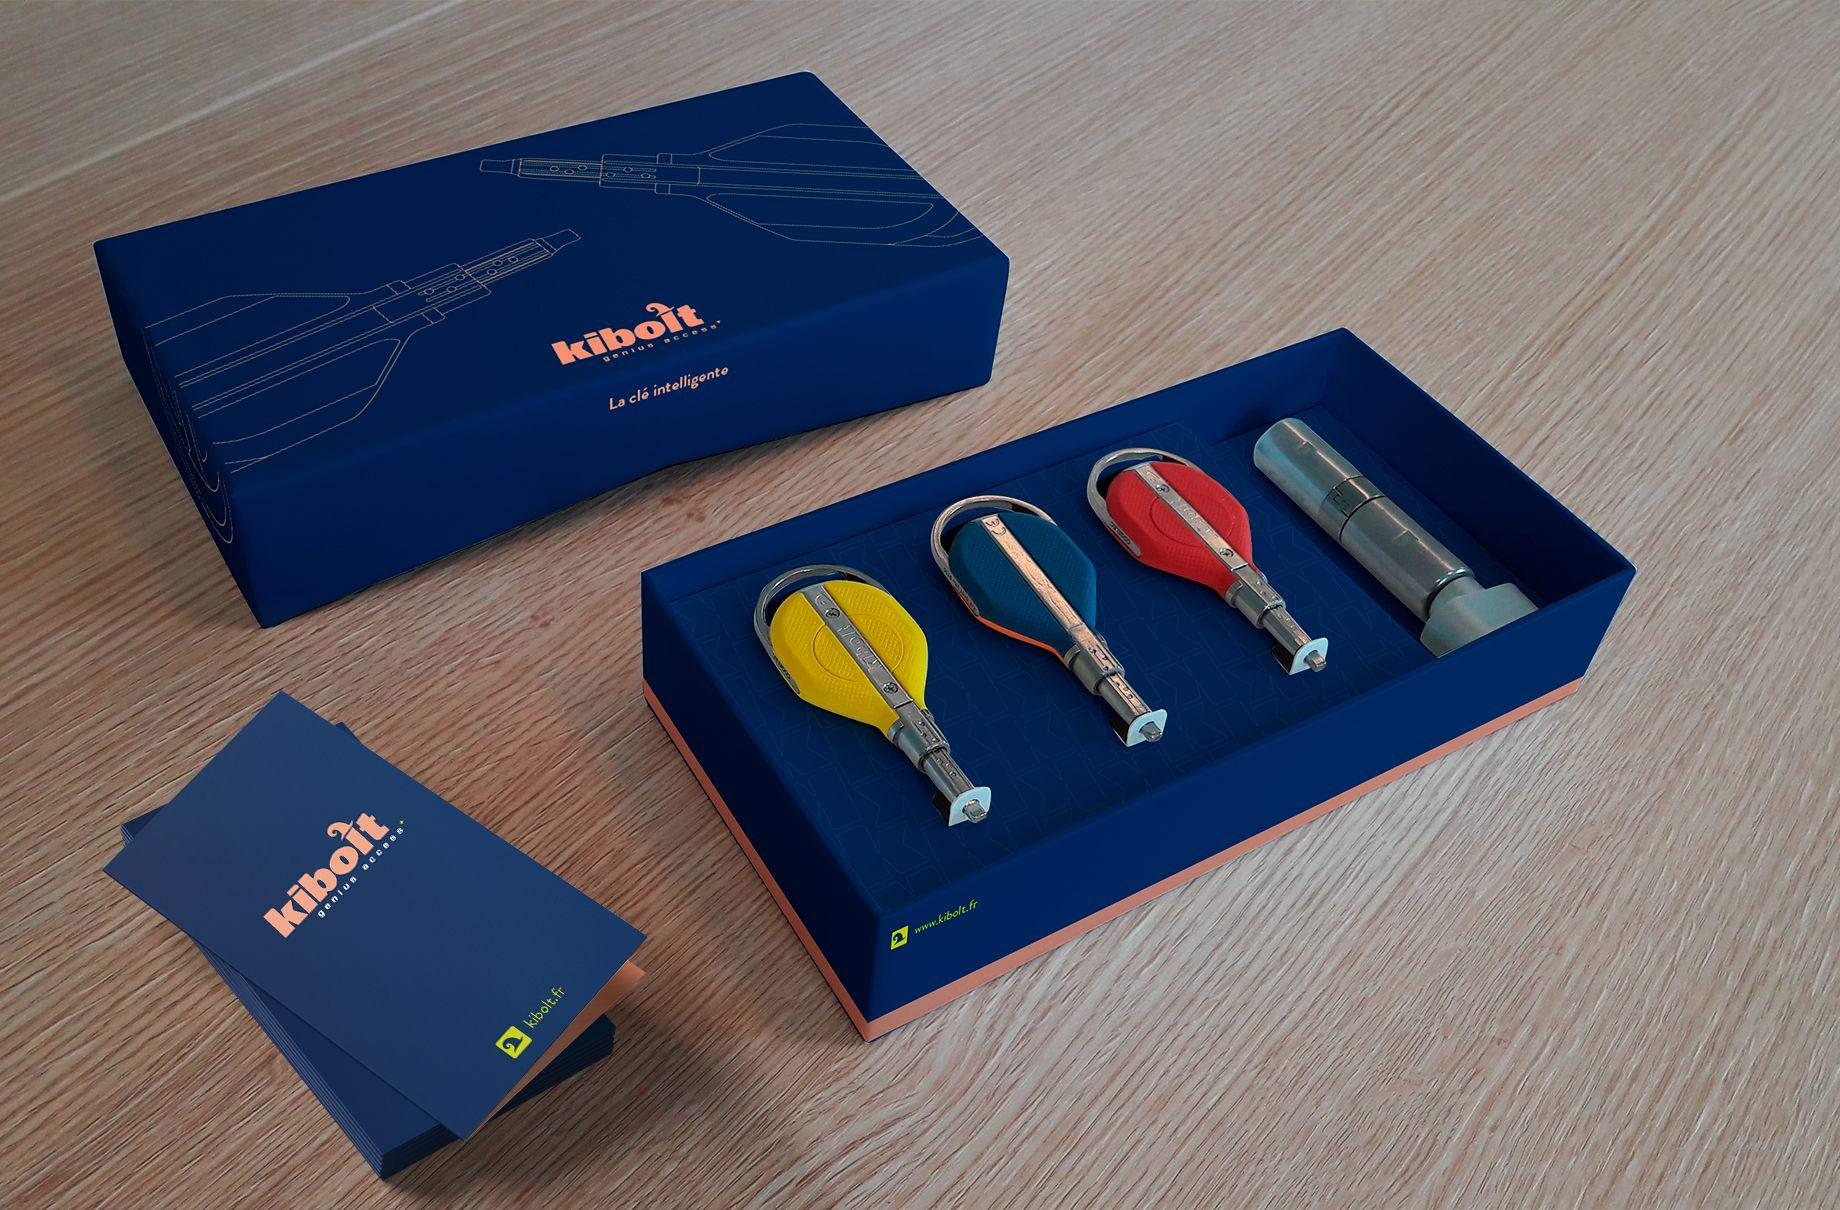 kibolt-packaging